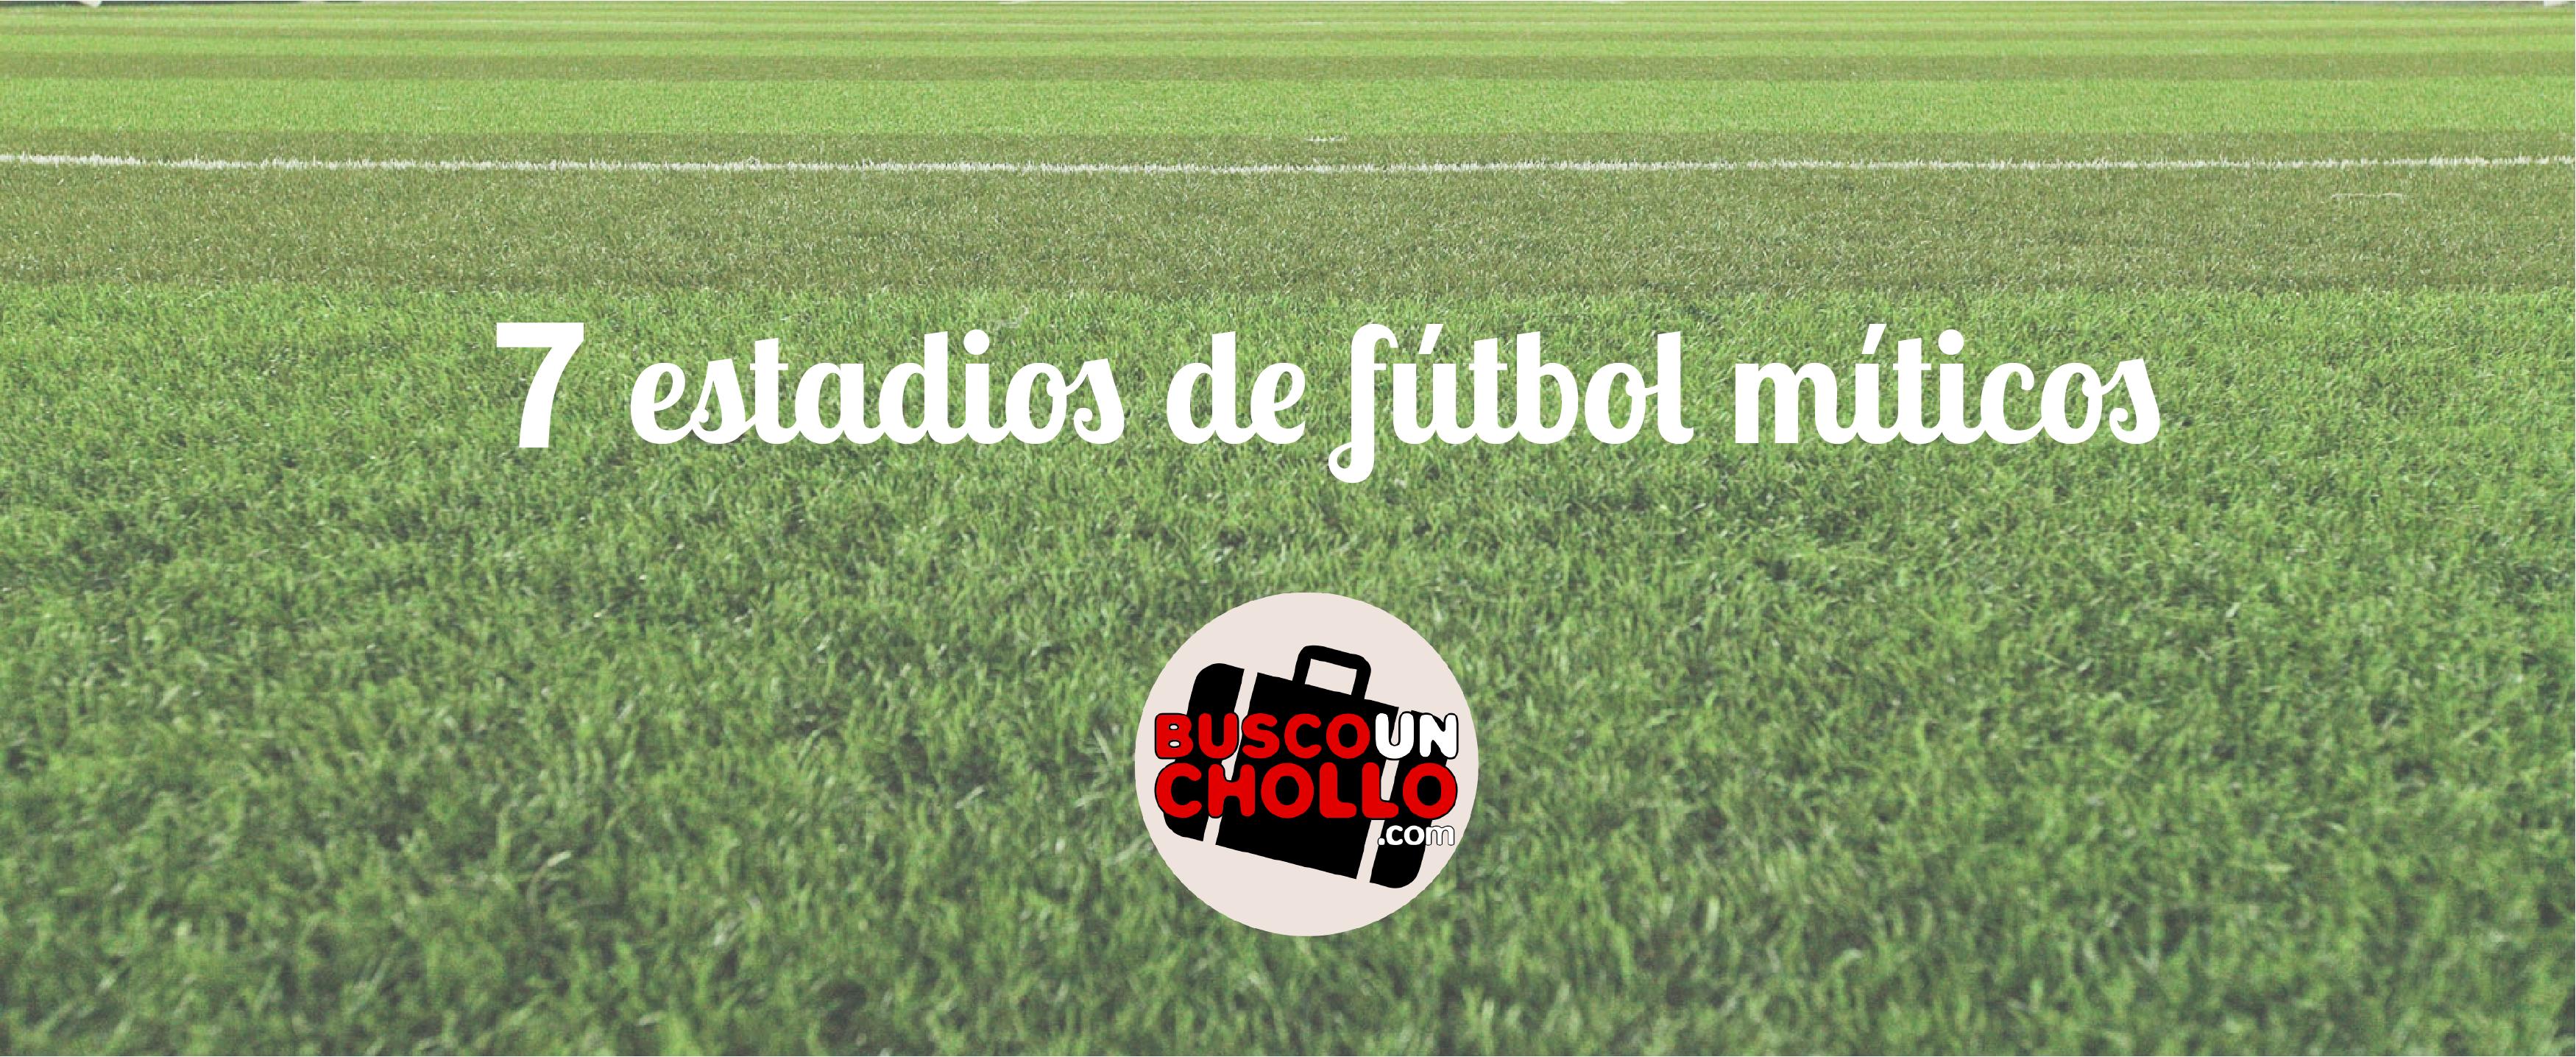 Los míticos estadios de fútbol que debes visitar cuando viajes por España